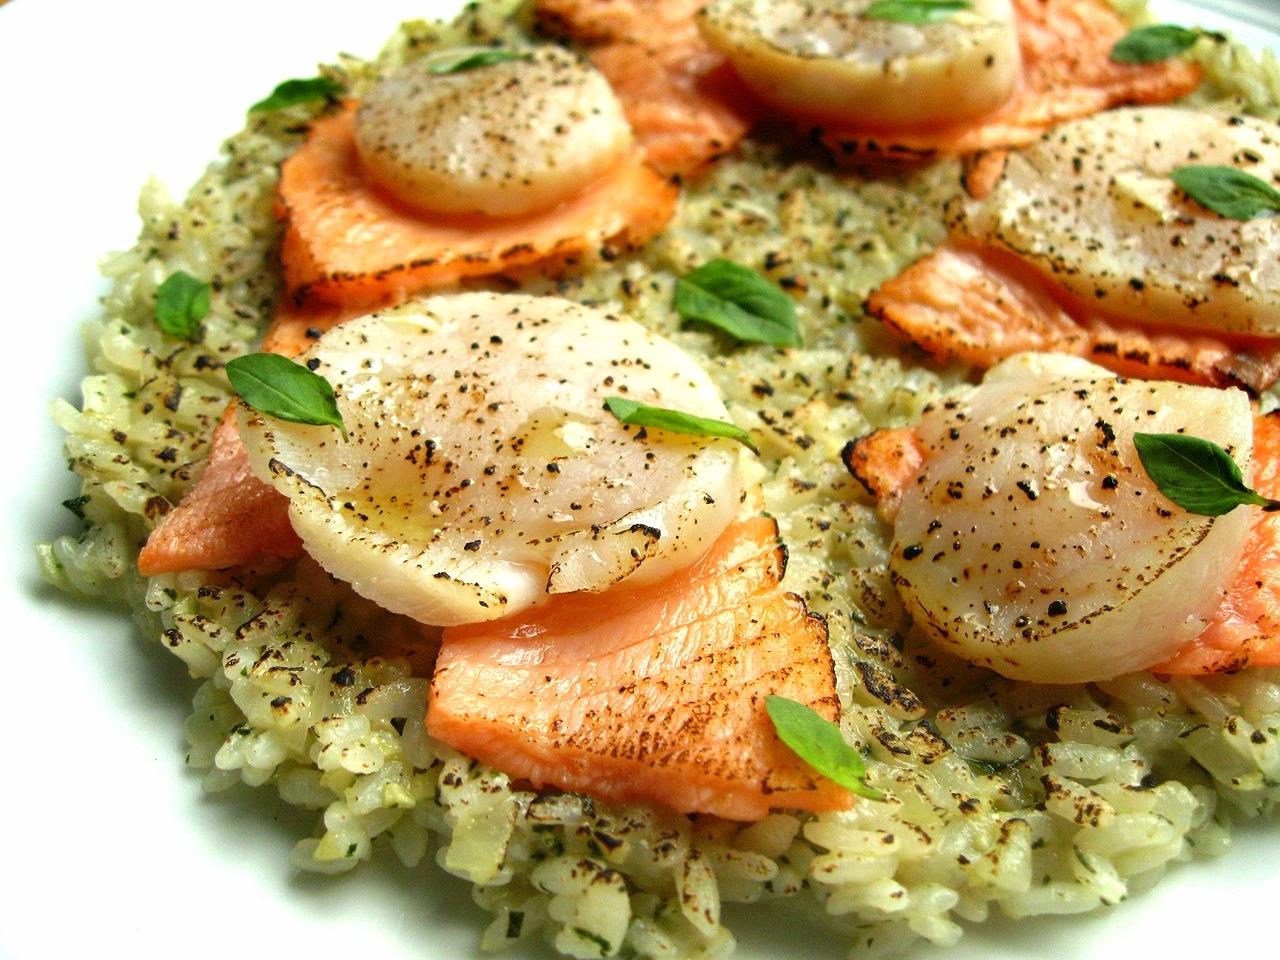 微炙干貝鮭魚青醬燉飯